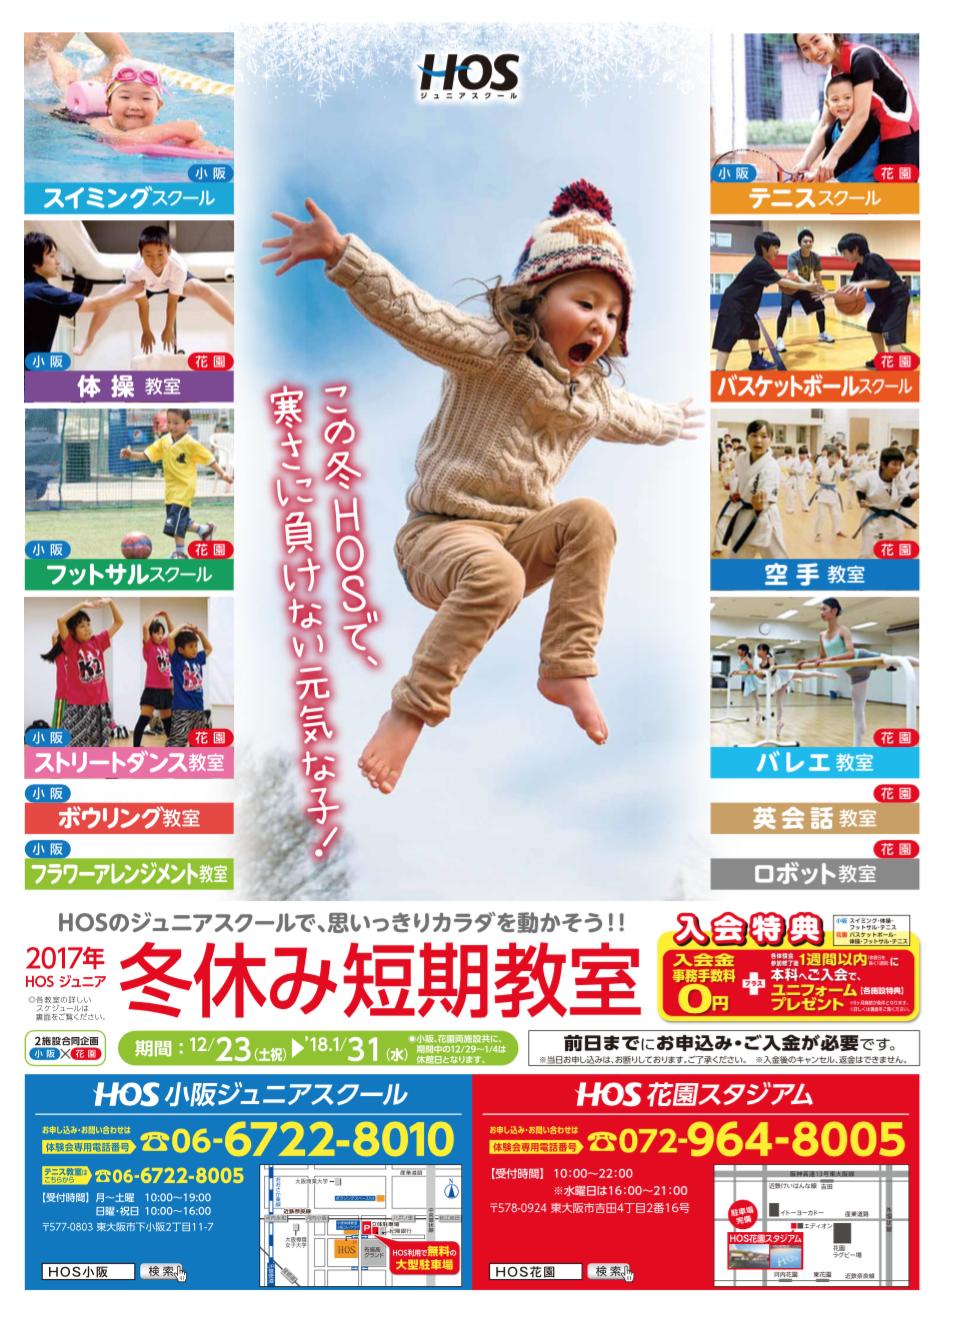 201801-kosaka-jr-1